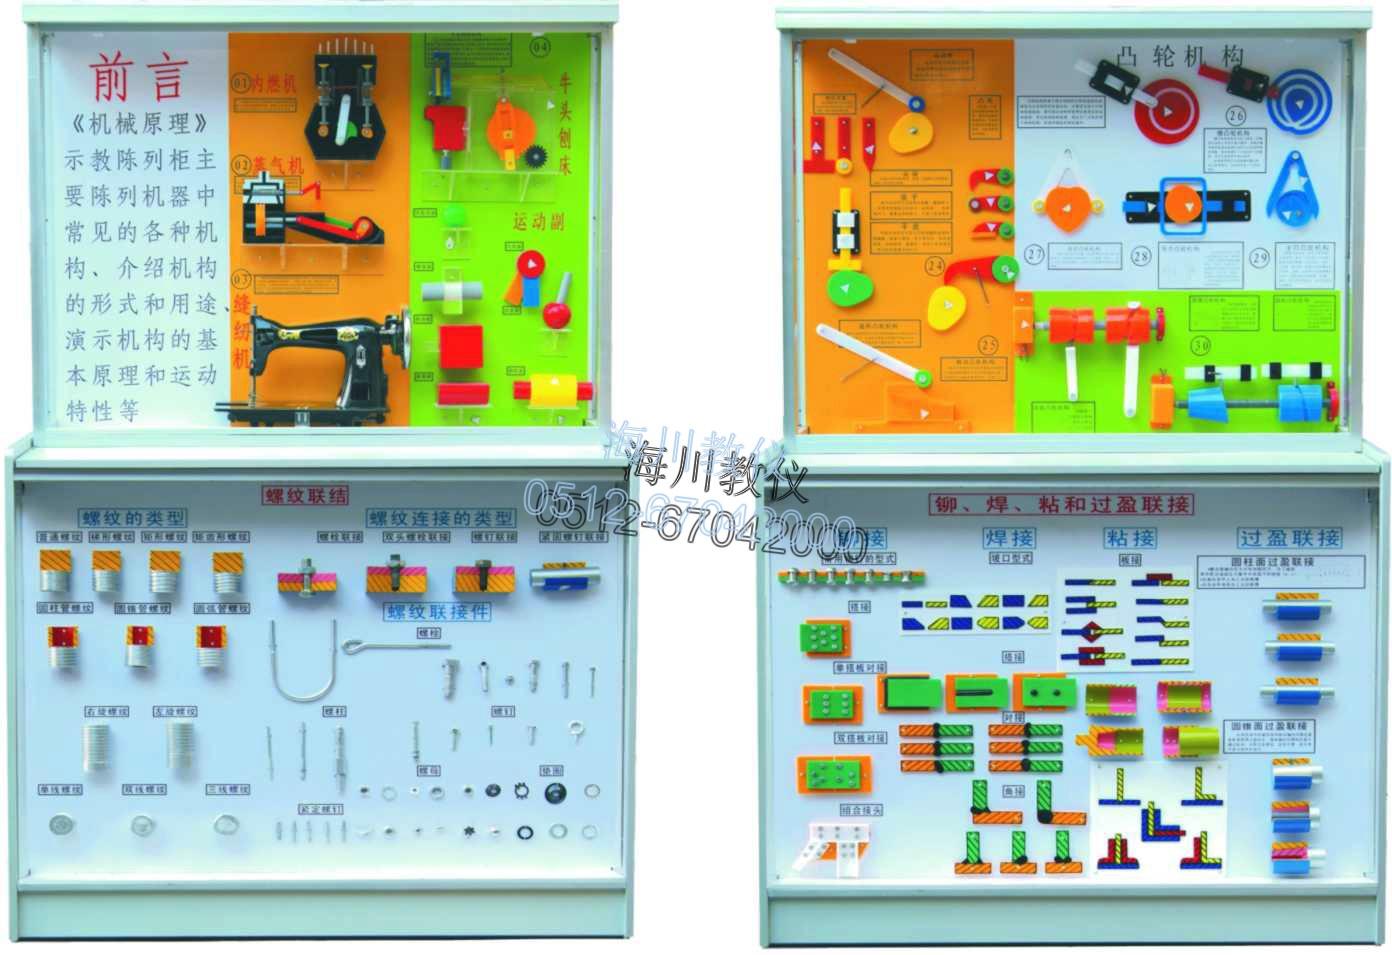 机械综合示教陈列柜产品图片